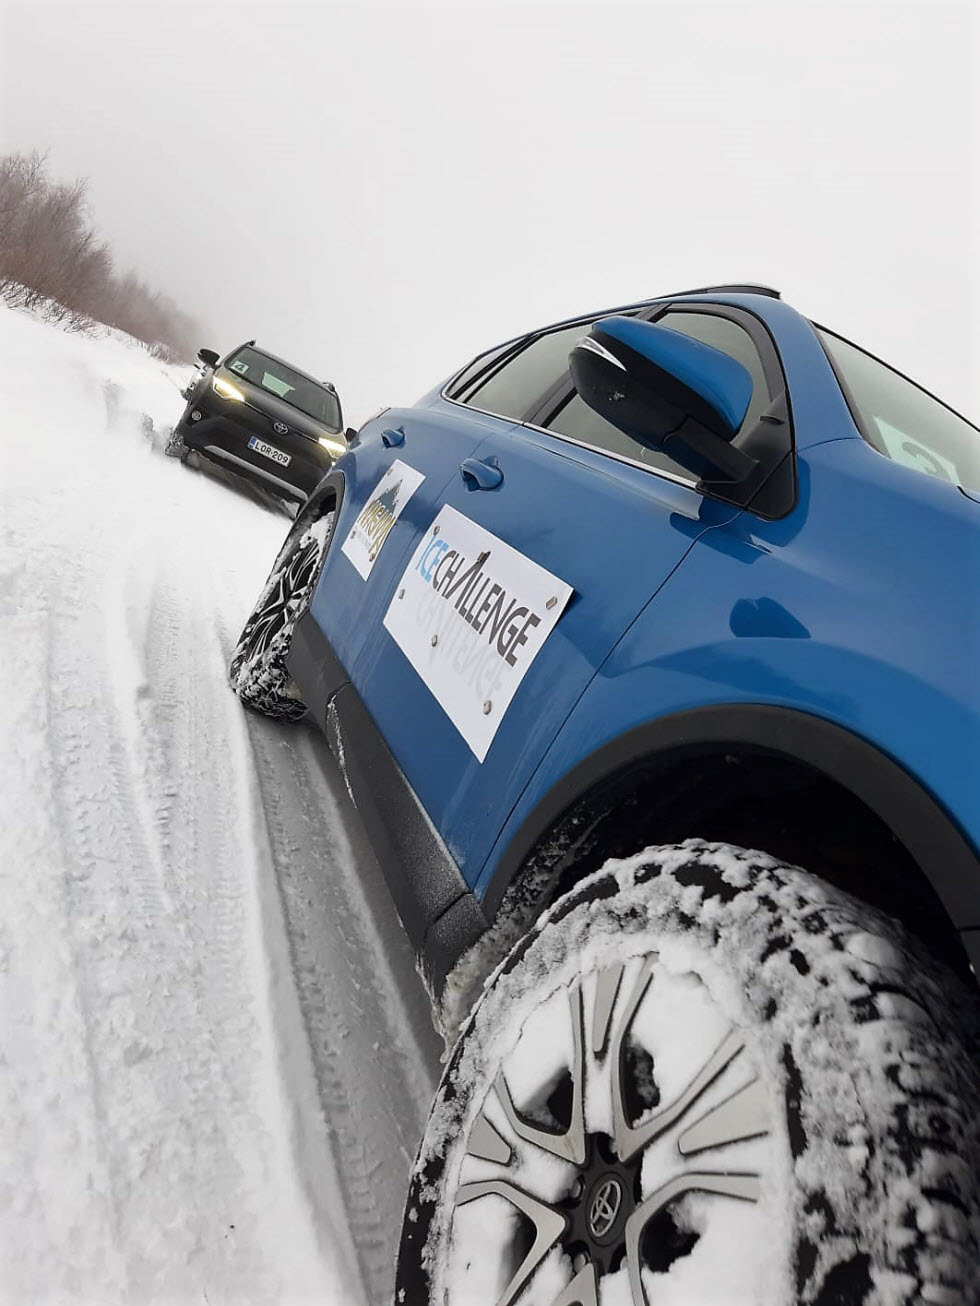 נהיגה על שלג לא דומה לשום דבר.  (צילום: מאגמה)